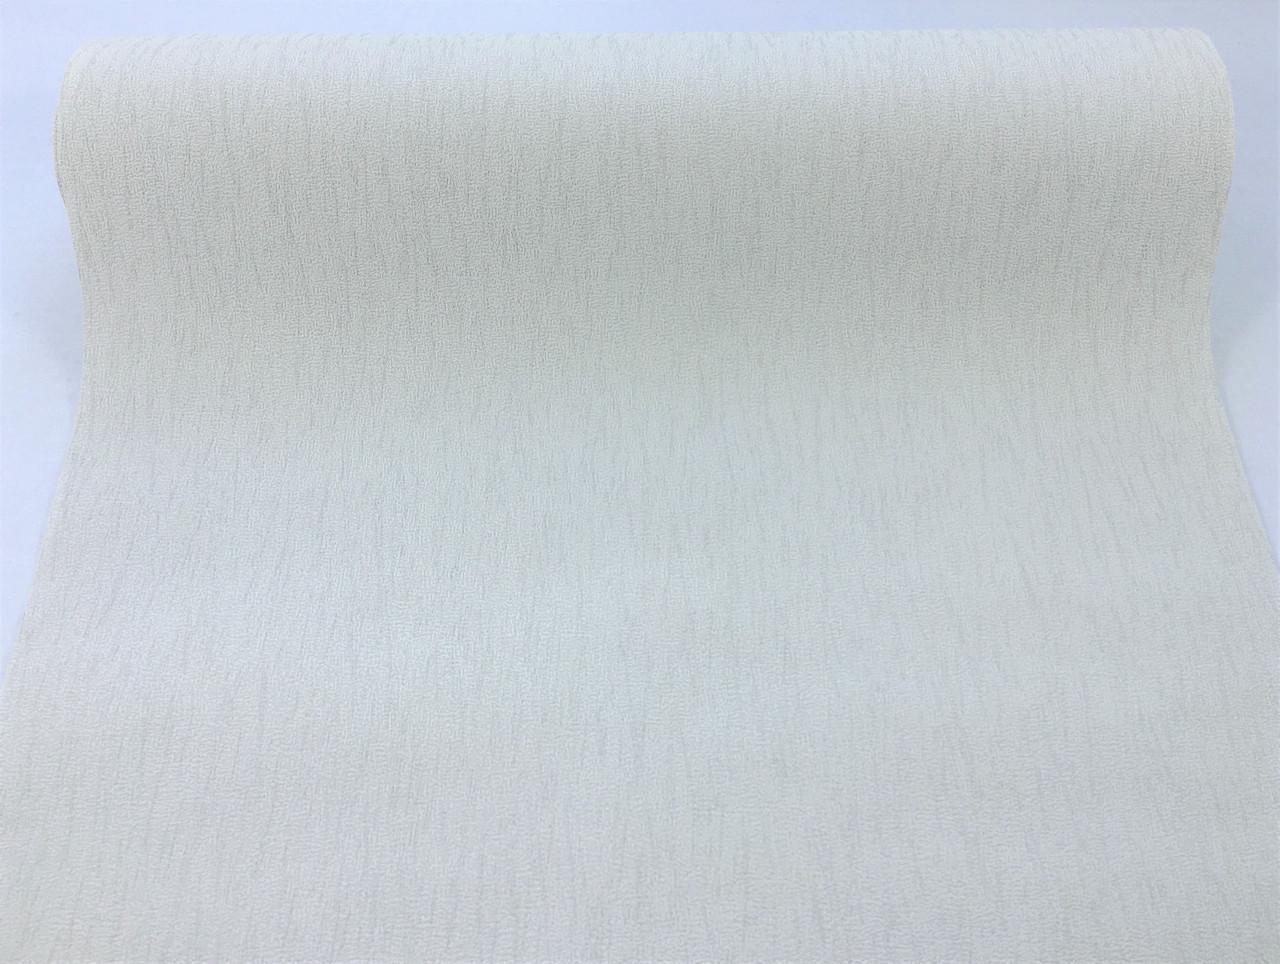 Однотонні світло-сірі німецькі шпалери 290847, дуже світлого холодного пастельного відтінку, тиснені короїд